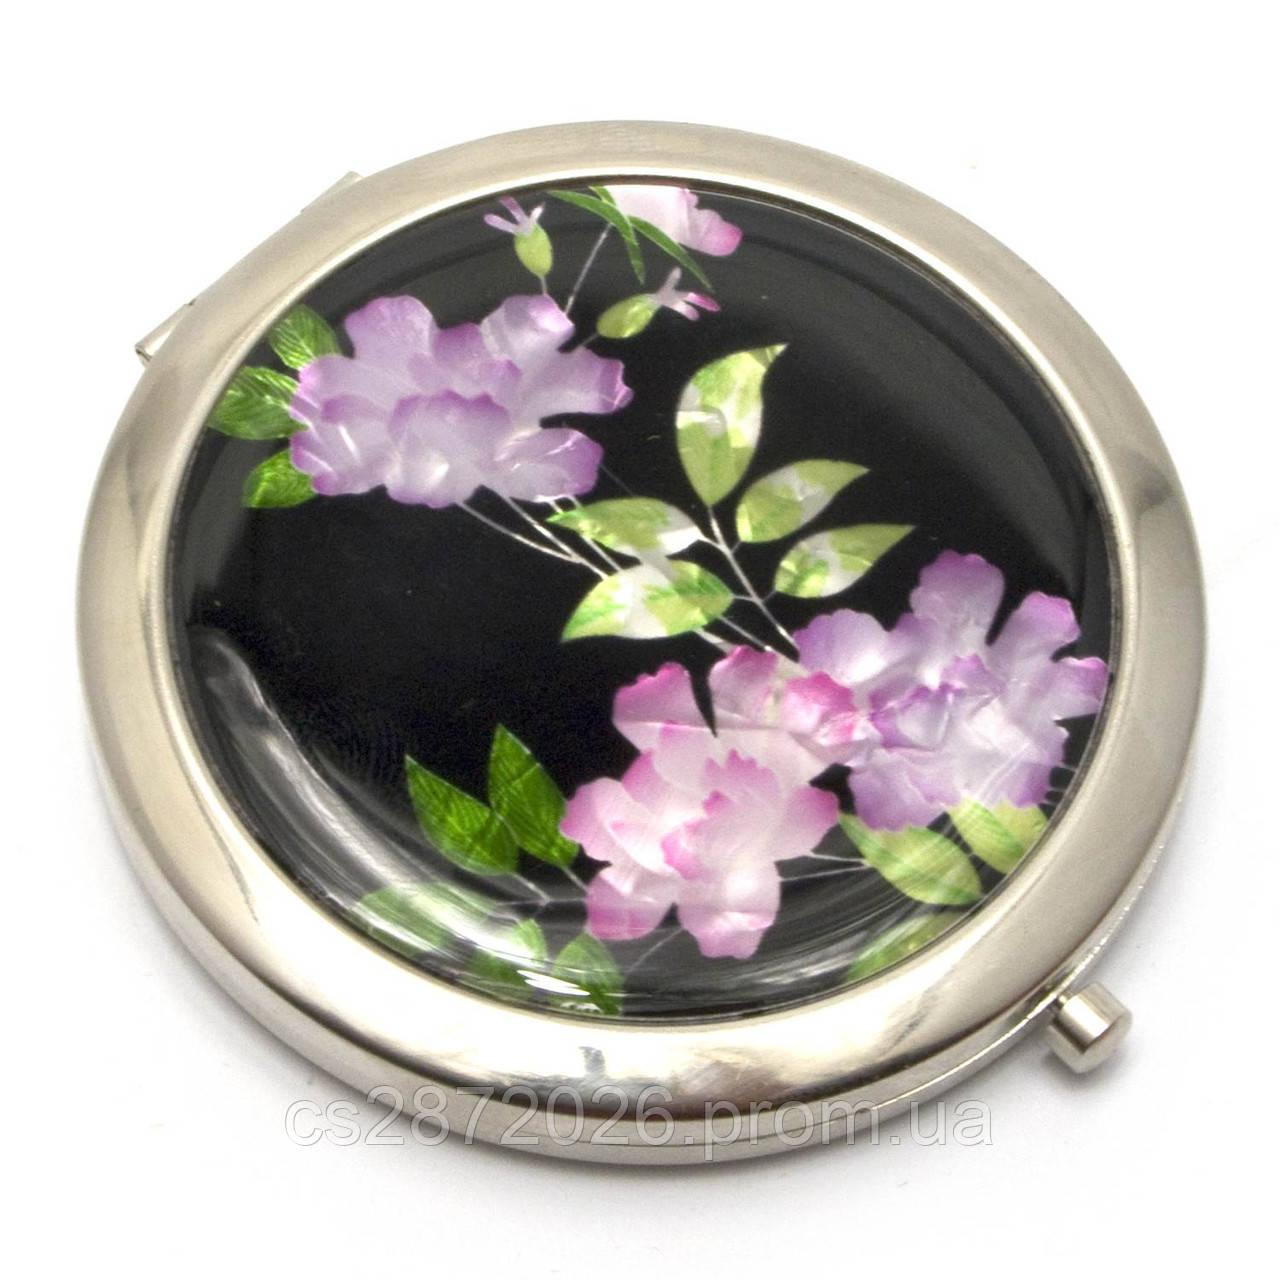 Зеркало карманное косметическое Цветы